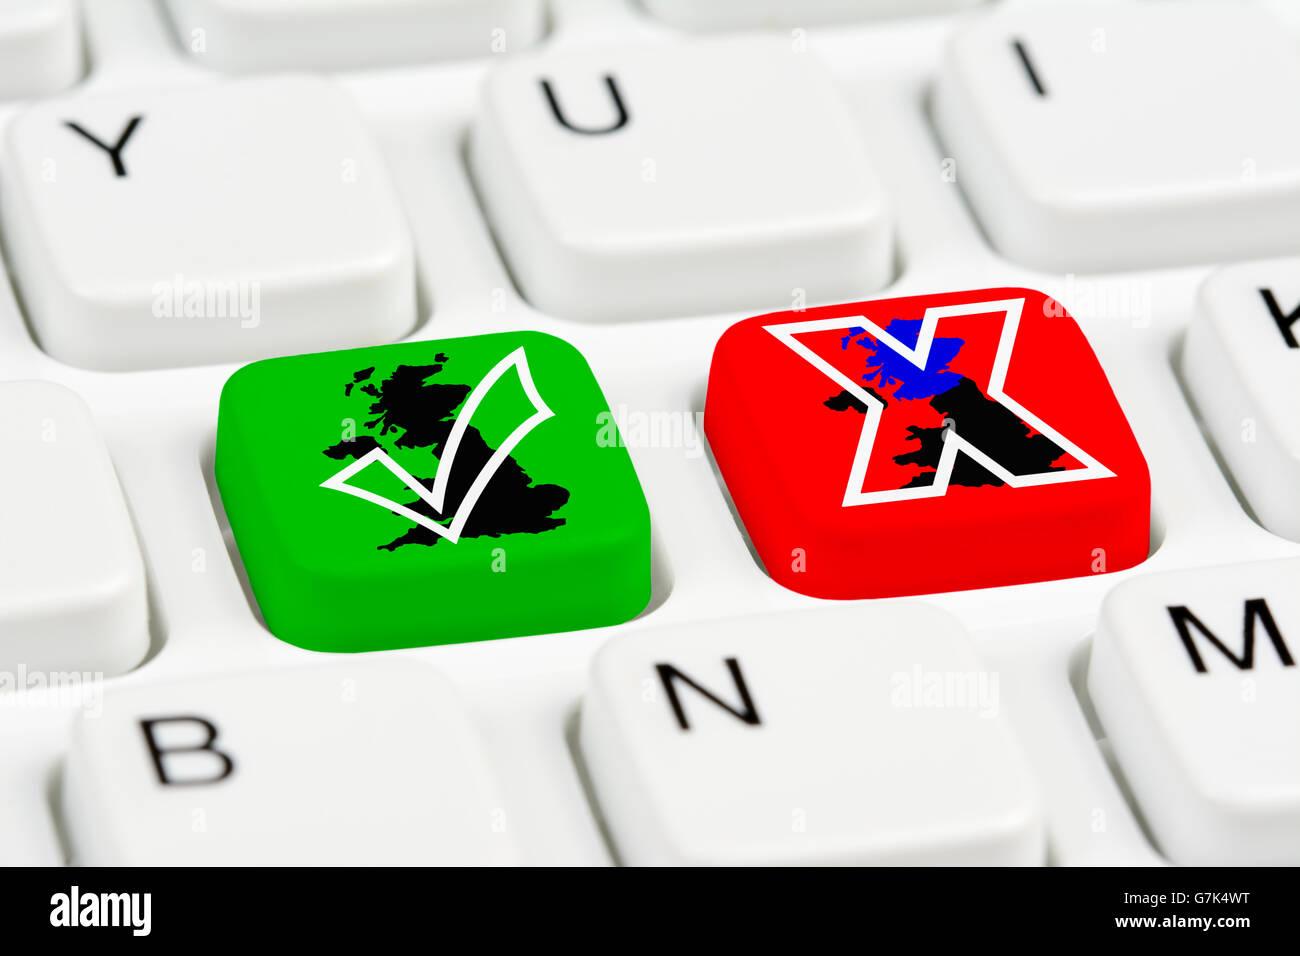 Le référendum pour l'indépendance de l'Écosse vote boutons sur le clavier d'un ordinateur. Photo Stock